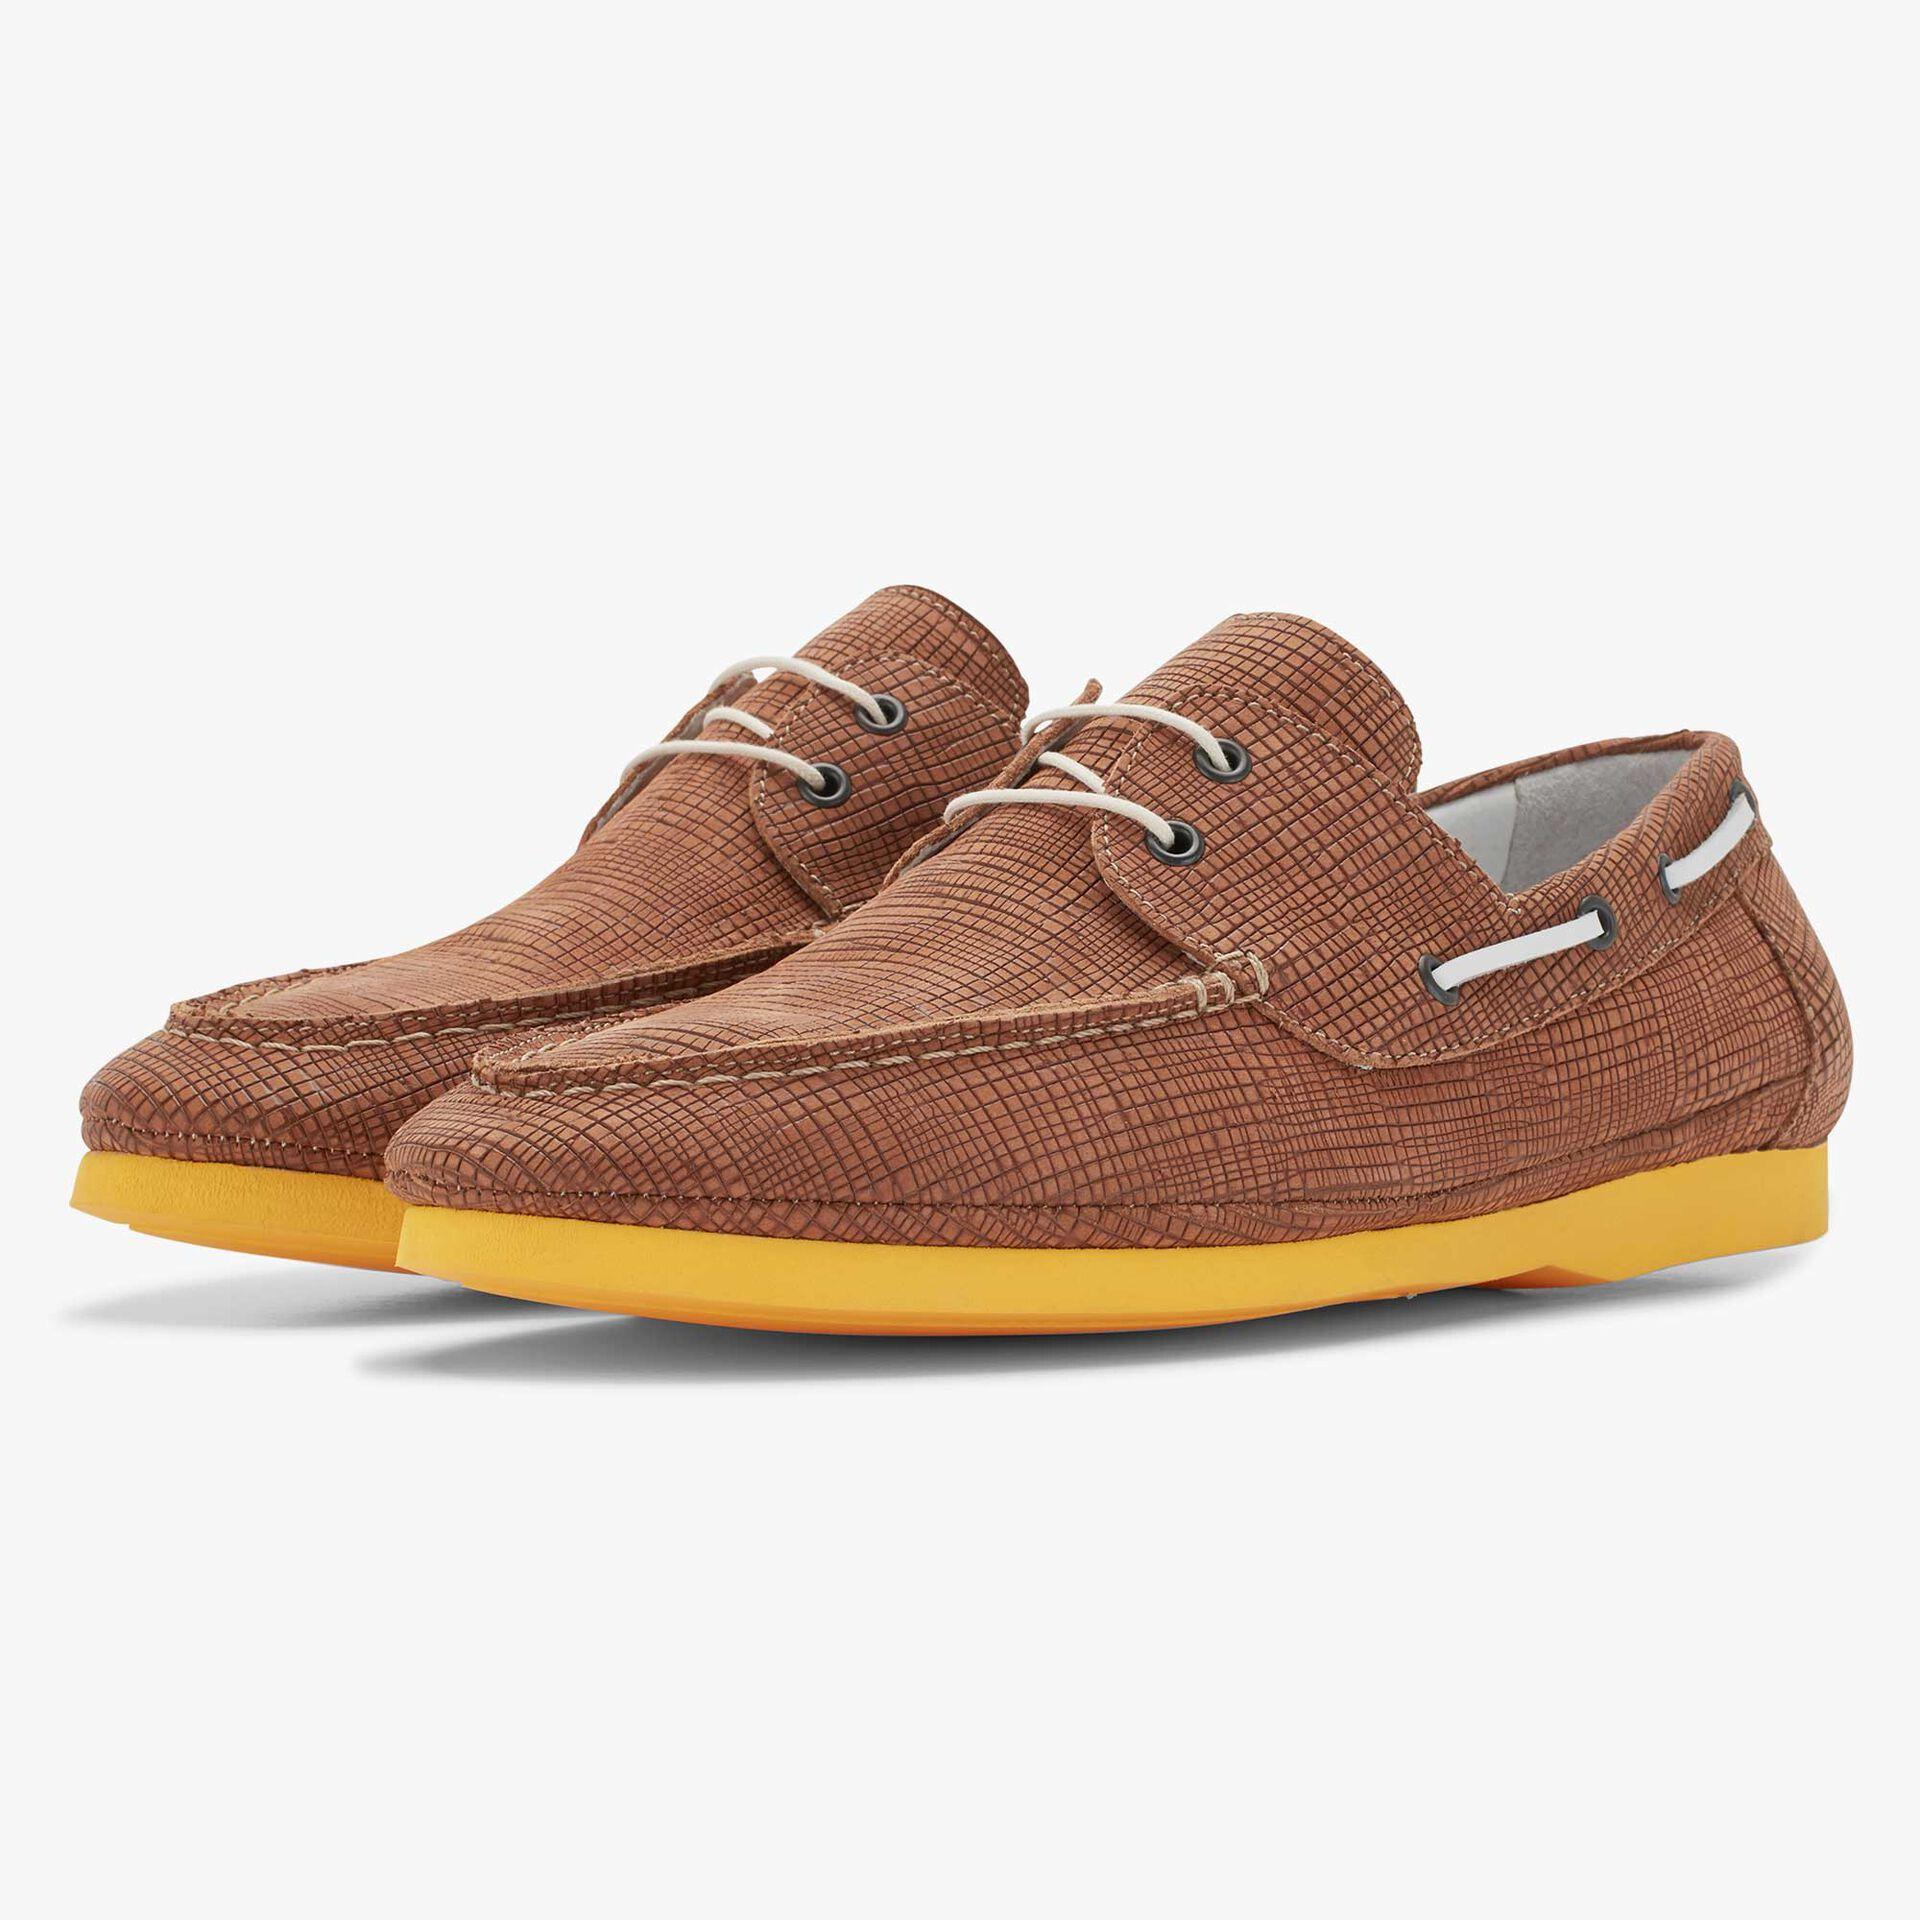 Floris van Bommel cognac-coloured nubuck leather boat shoe